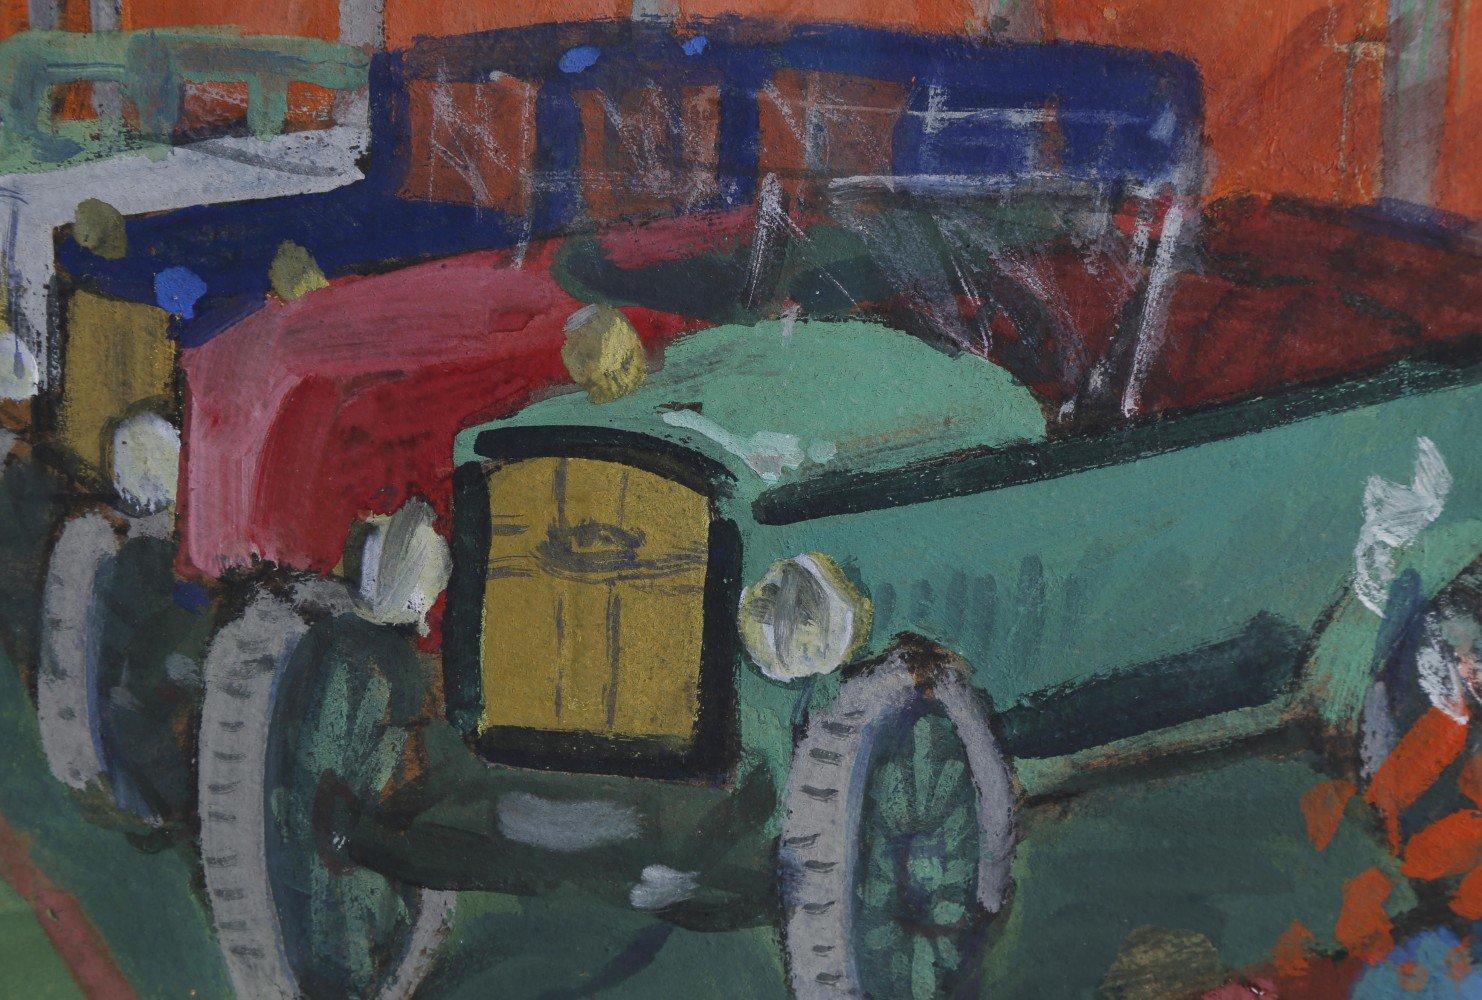 Car Dealership by 20th Century American School